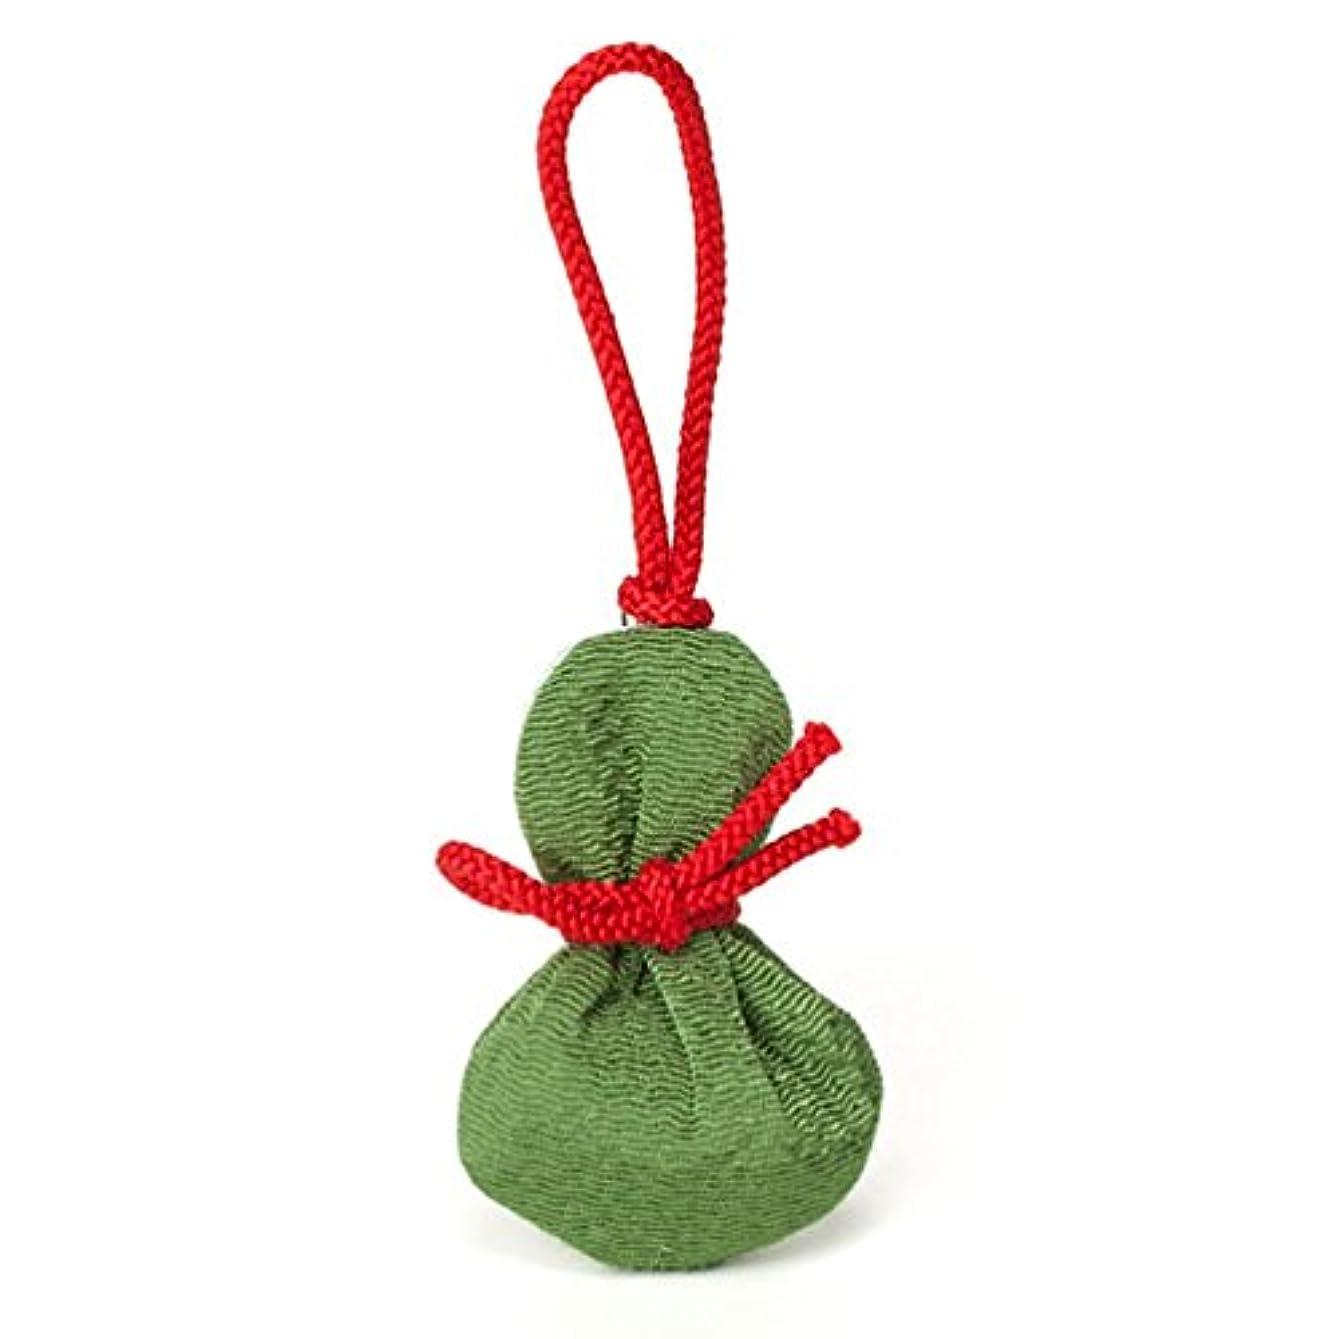 遮る処理する理想的松栄堂 匂い袋 誰が袖 ふくべ 1個入 ケースなし (柄か無地をお選びください) (無地)